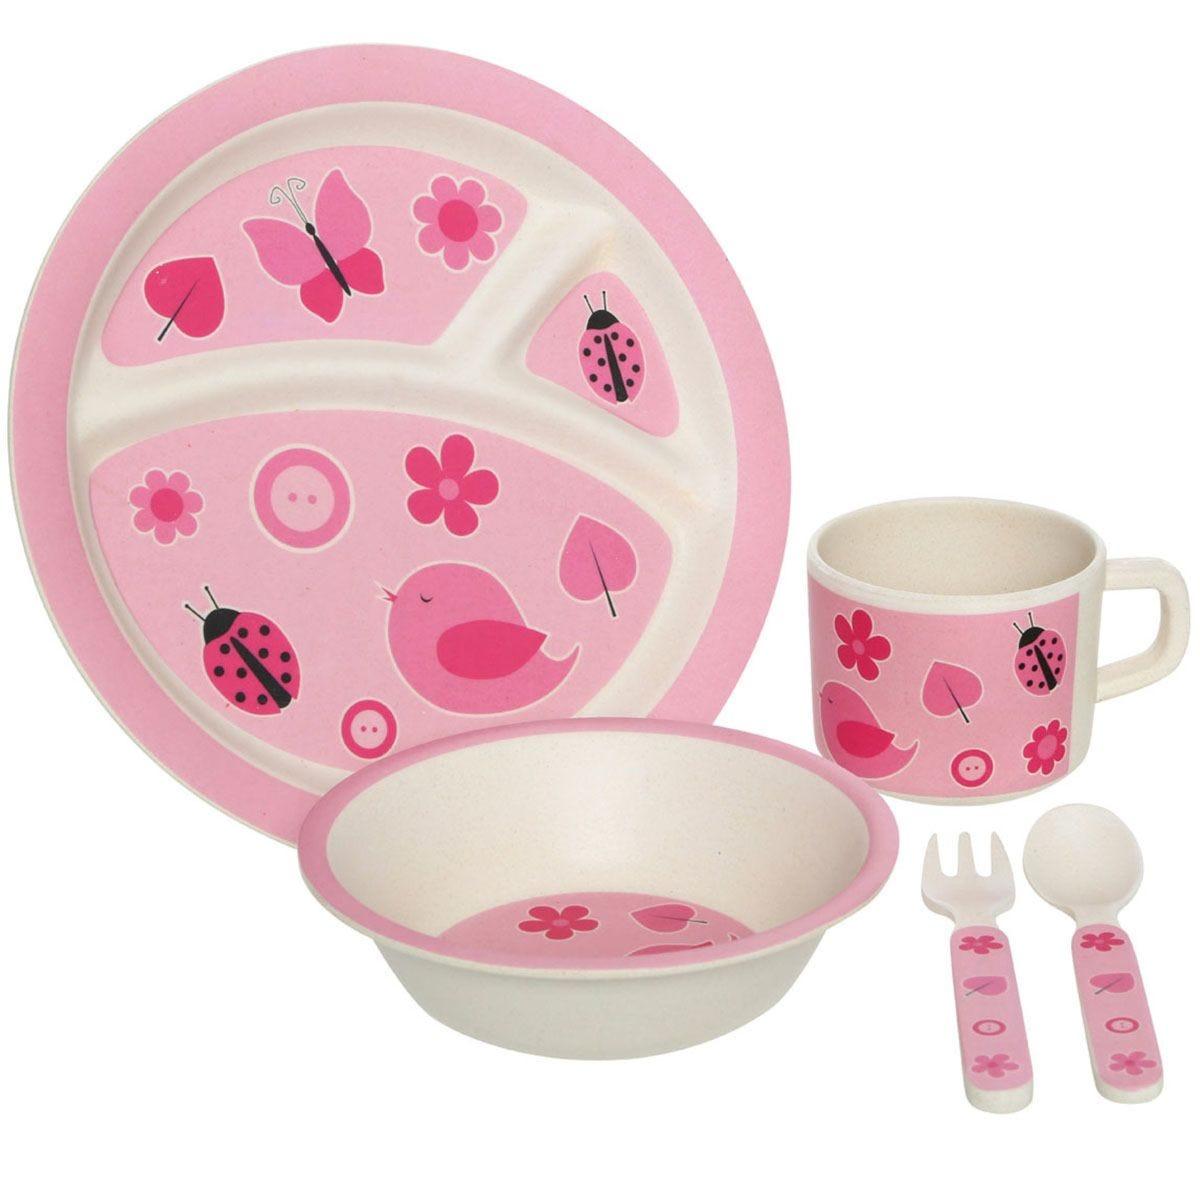 Premier Housewares 5-Piece Eden Bird Kids Dinner Set - Pink